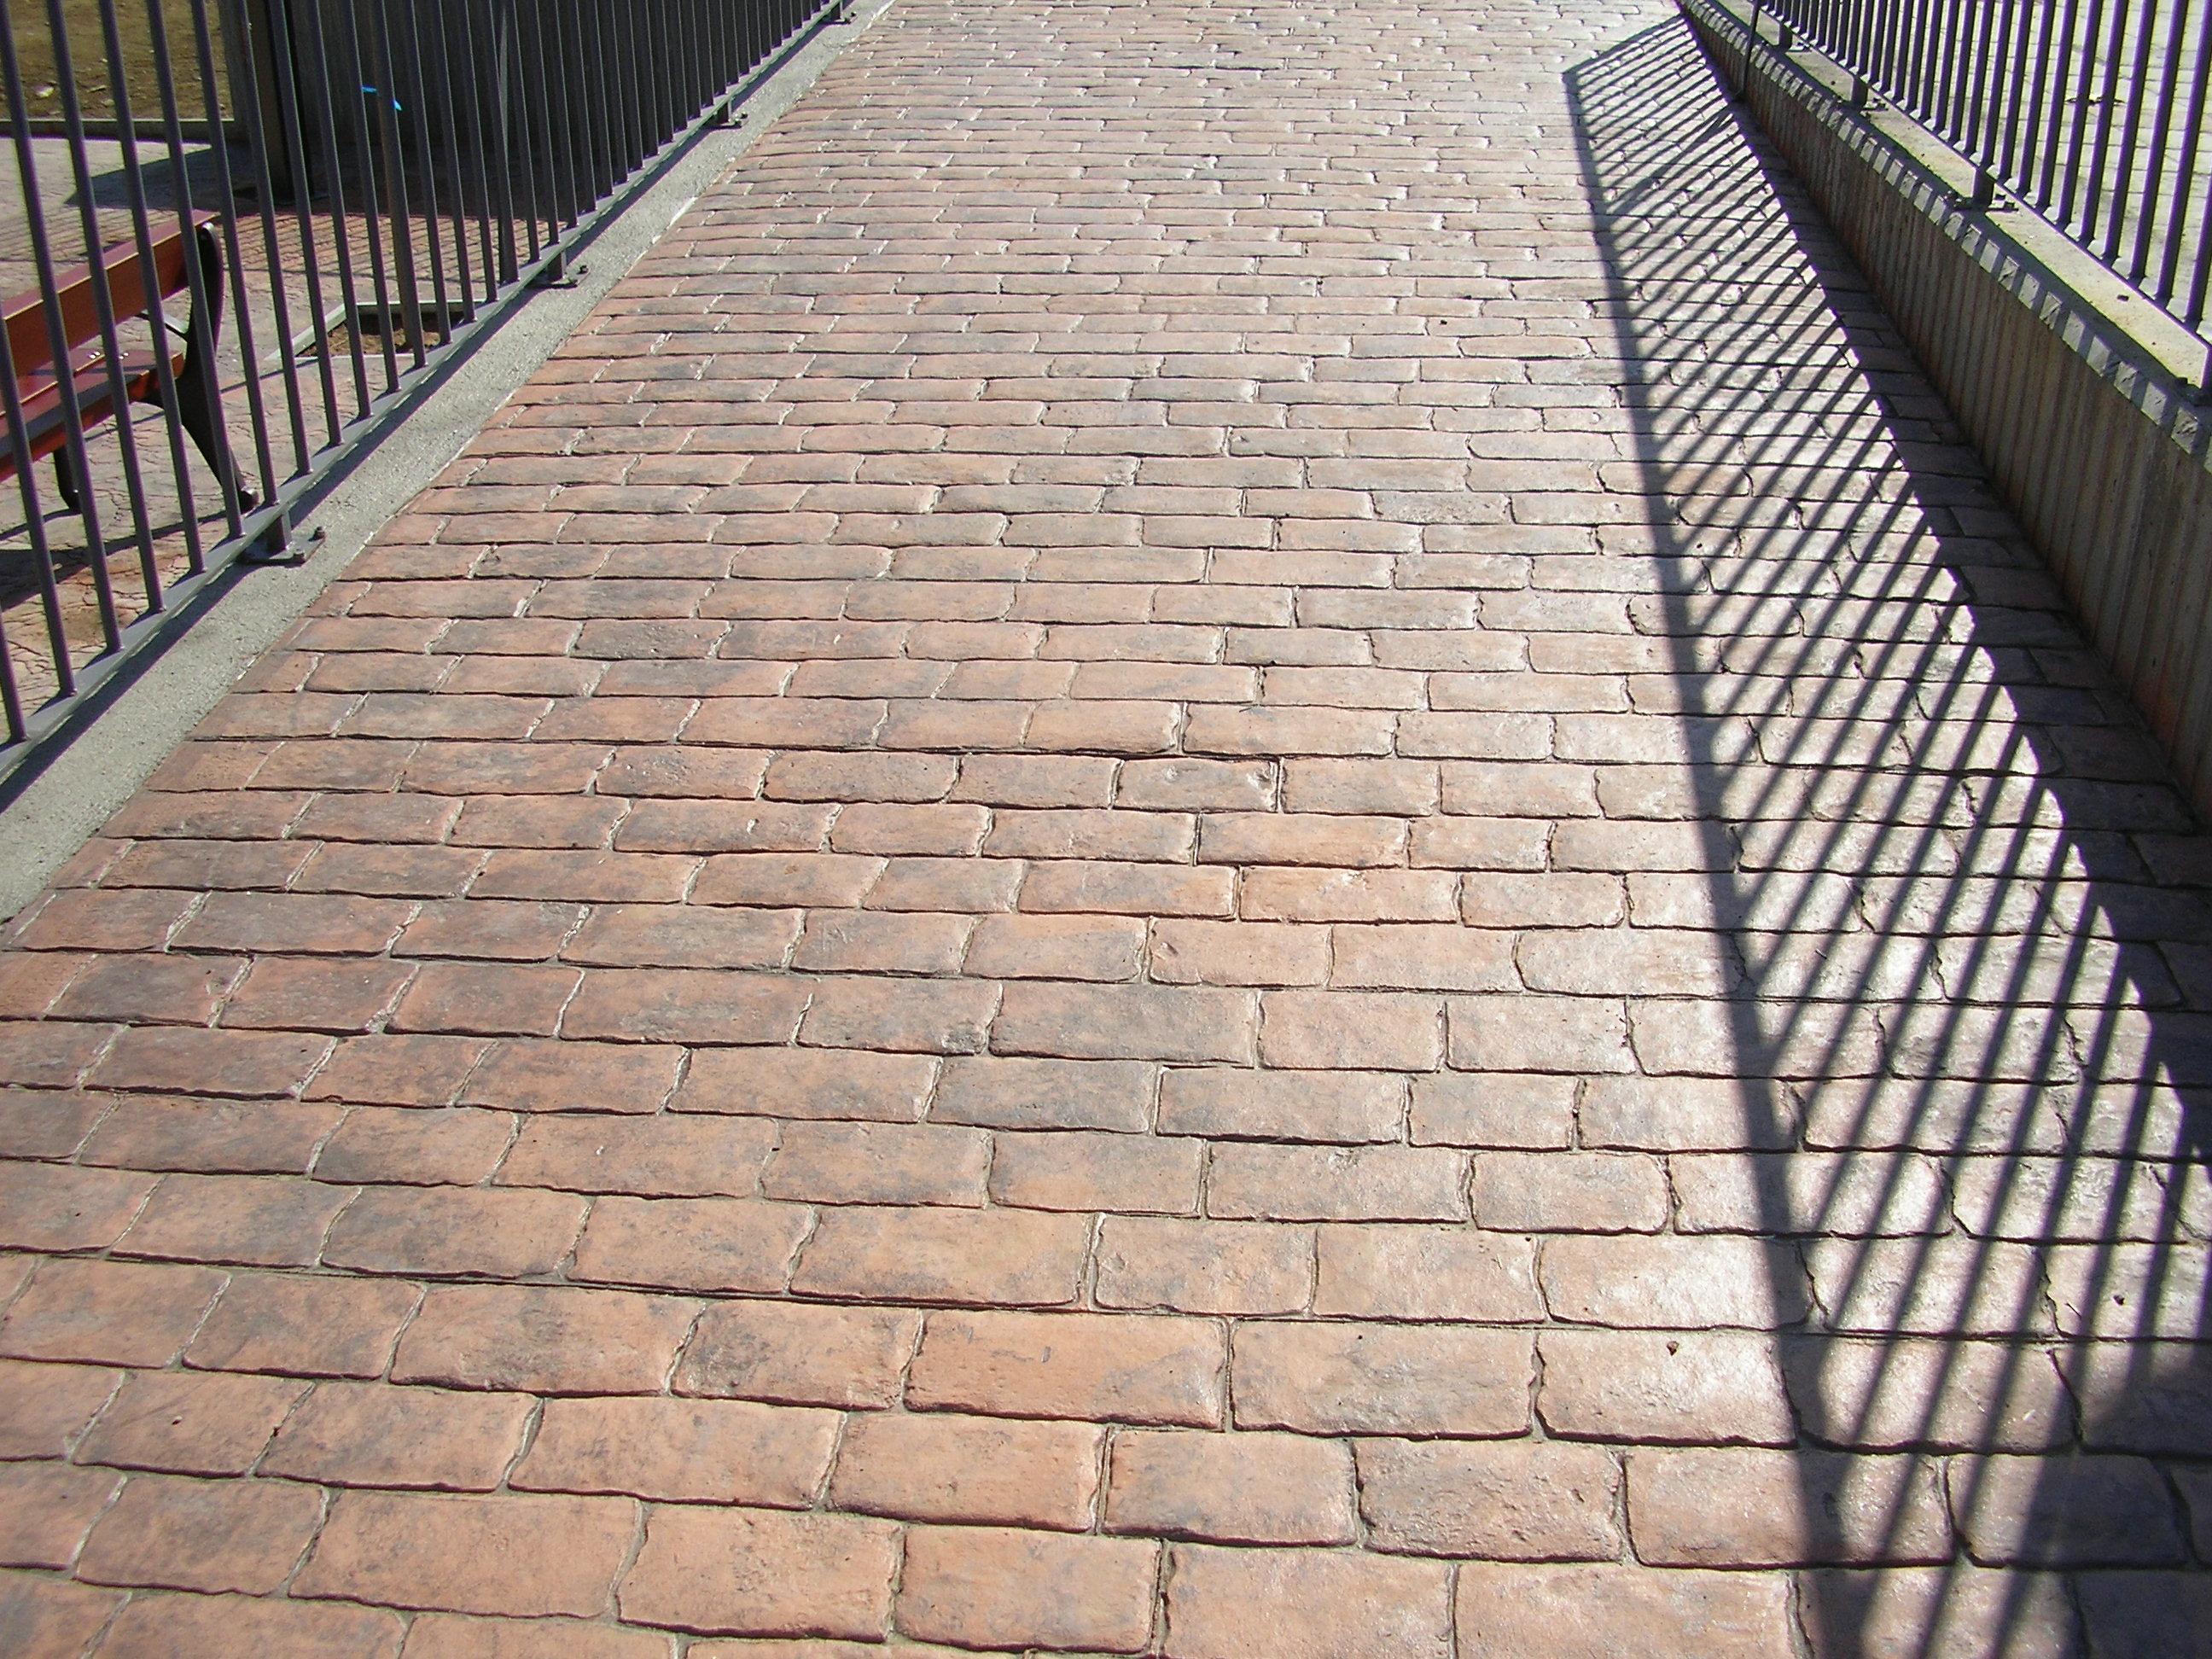 Pavimento morcret estampado adoq rustico cat logo Hormigon impreso rustico